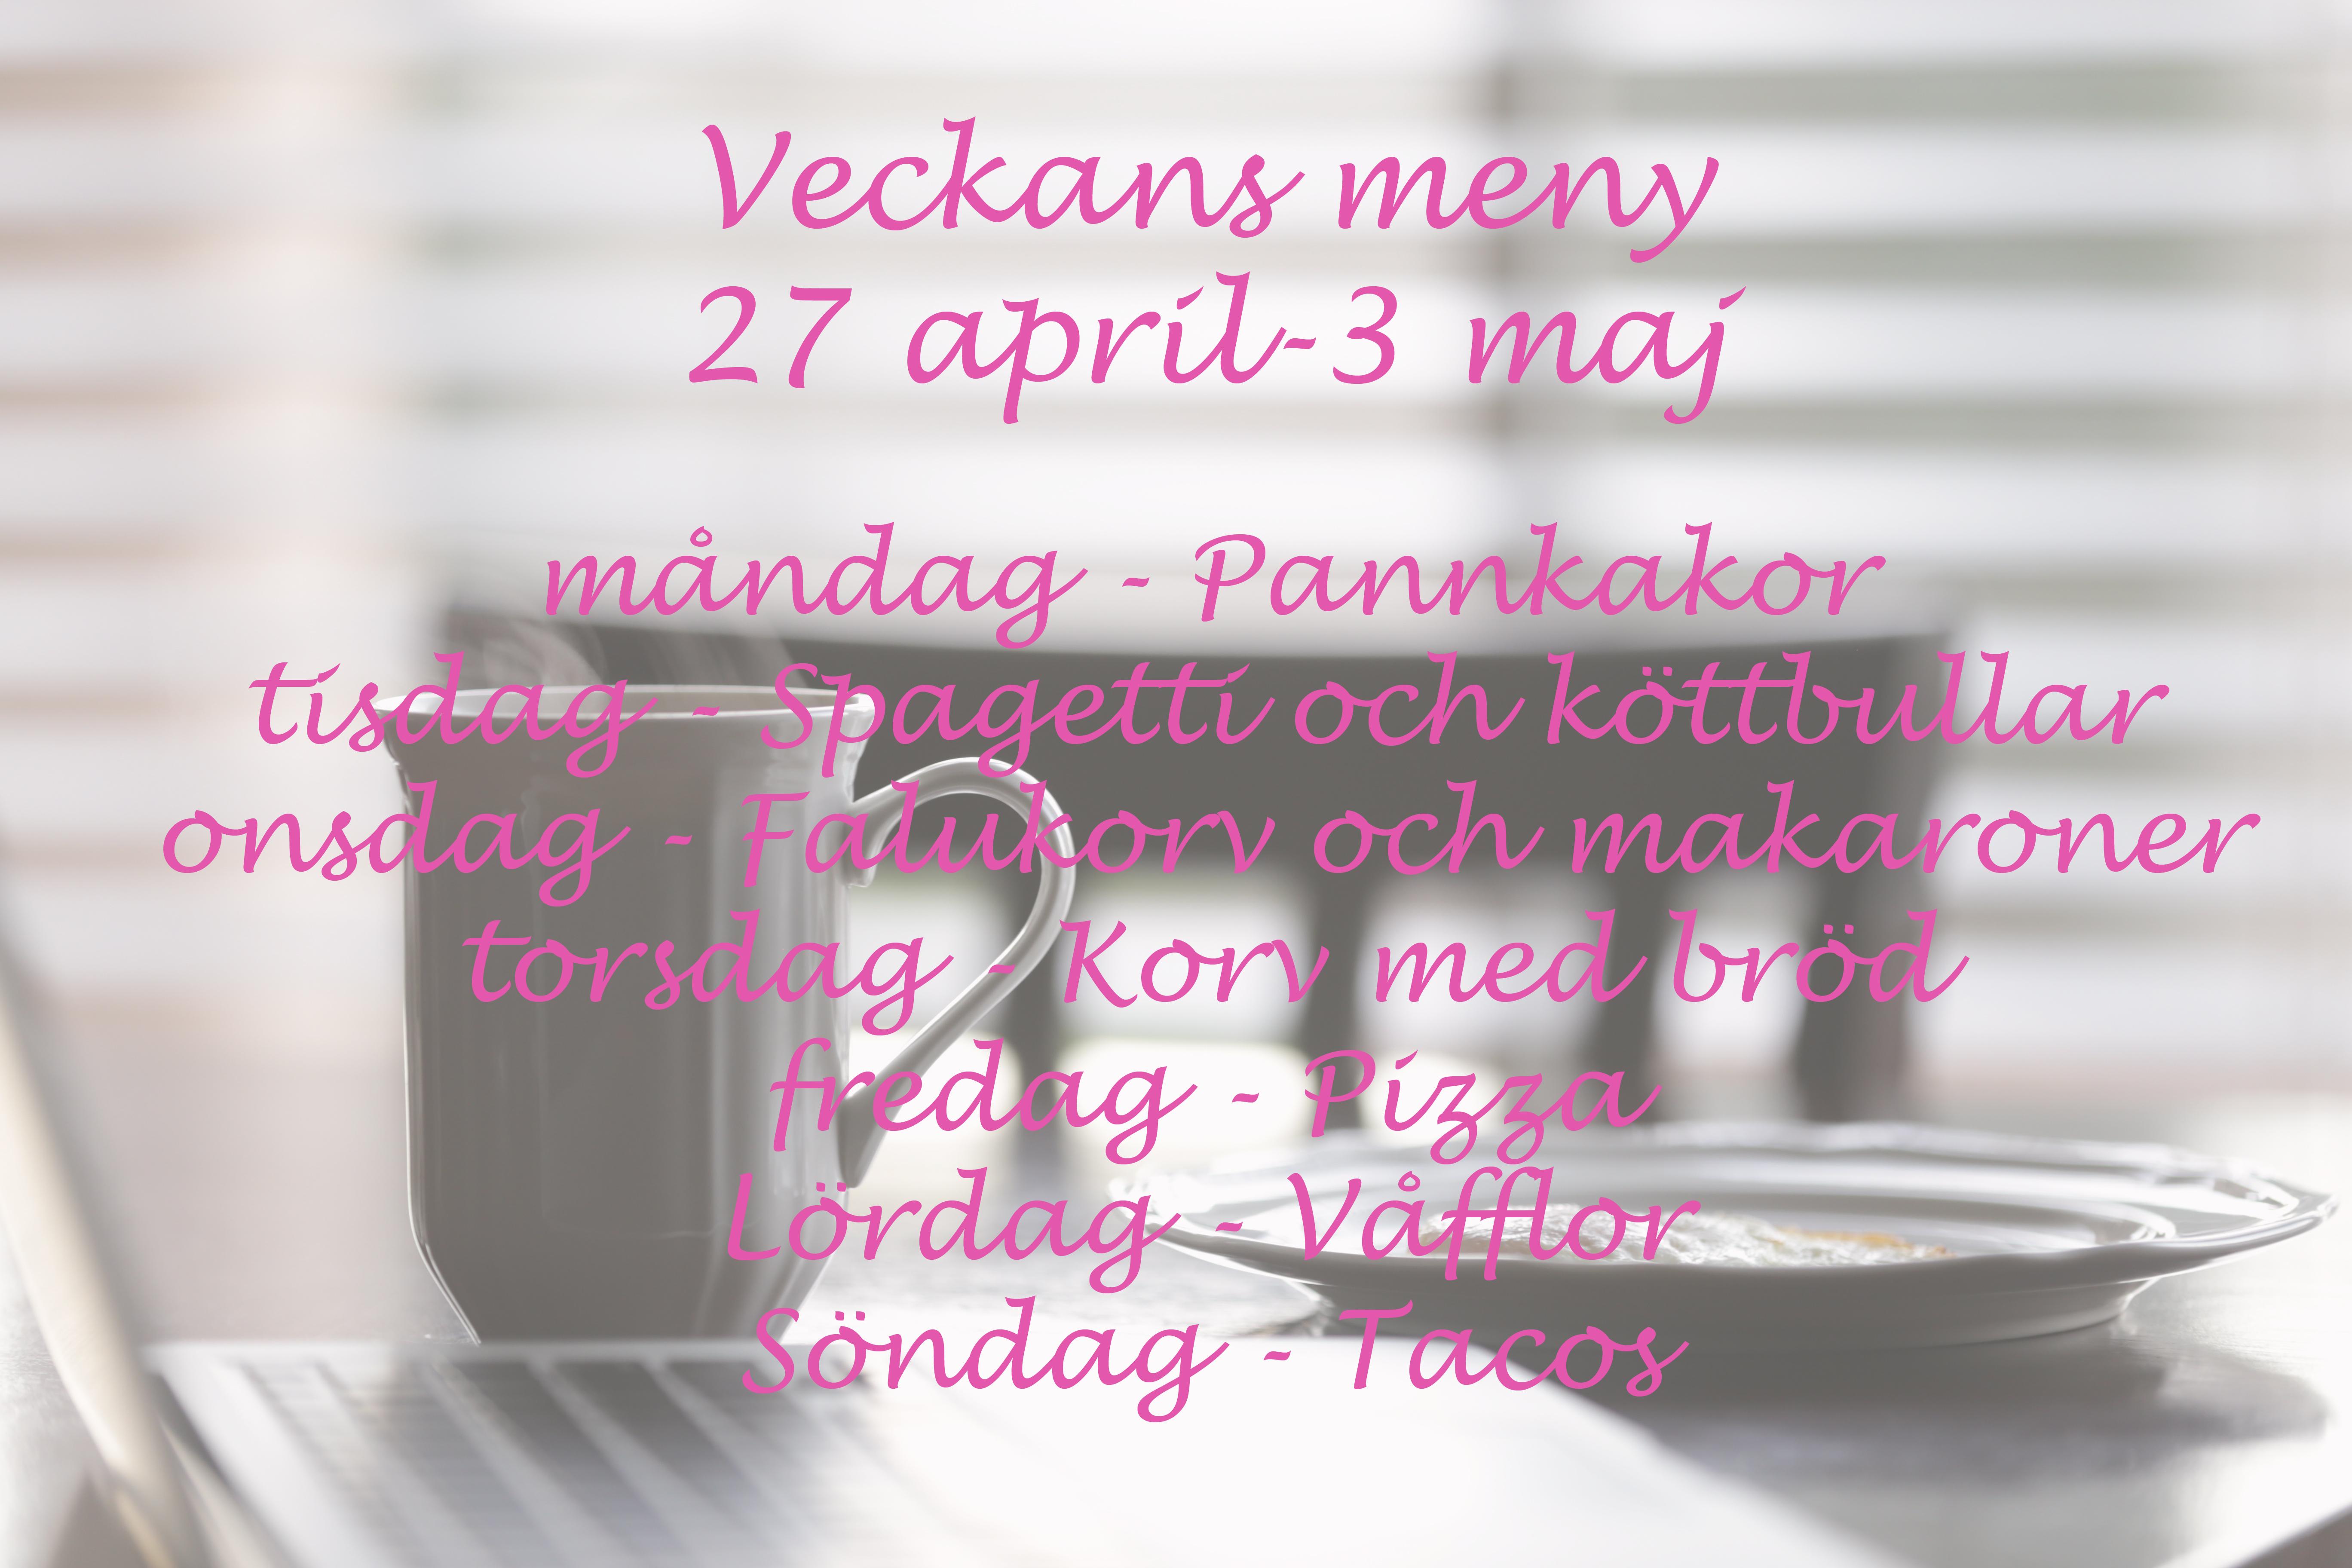 meny 27 april till 3 maj